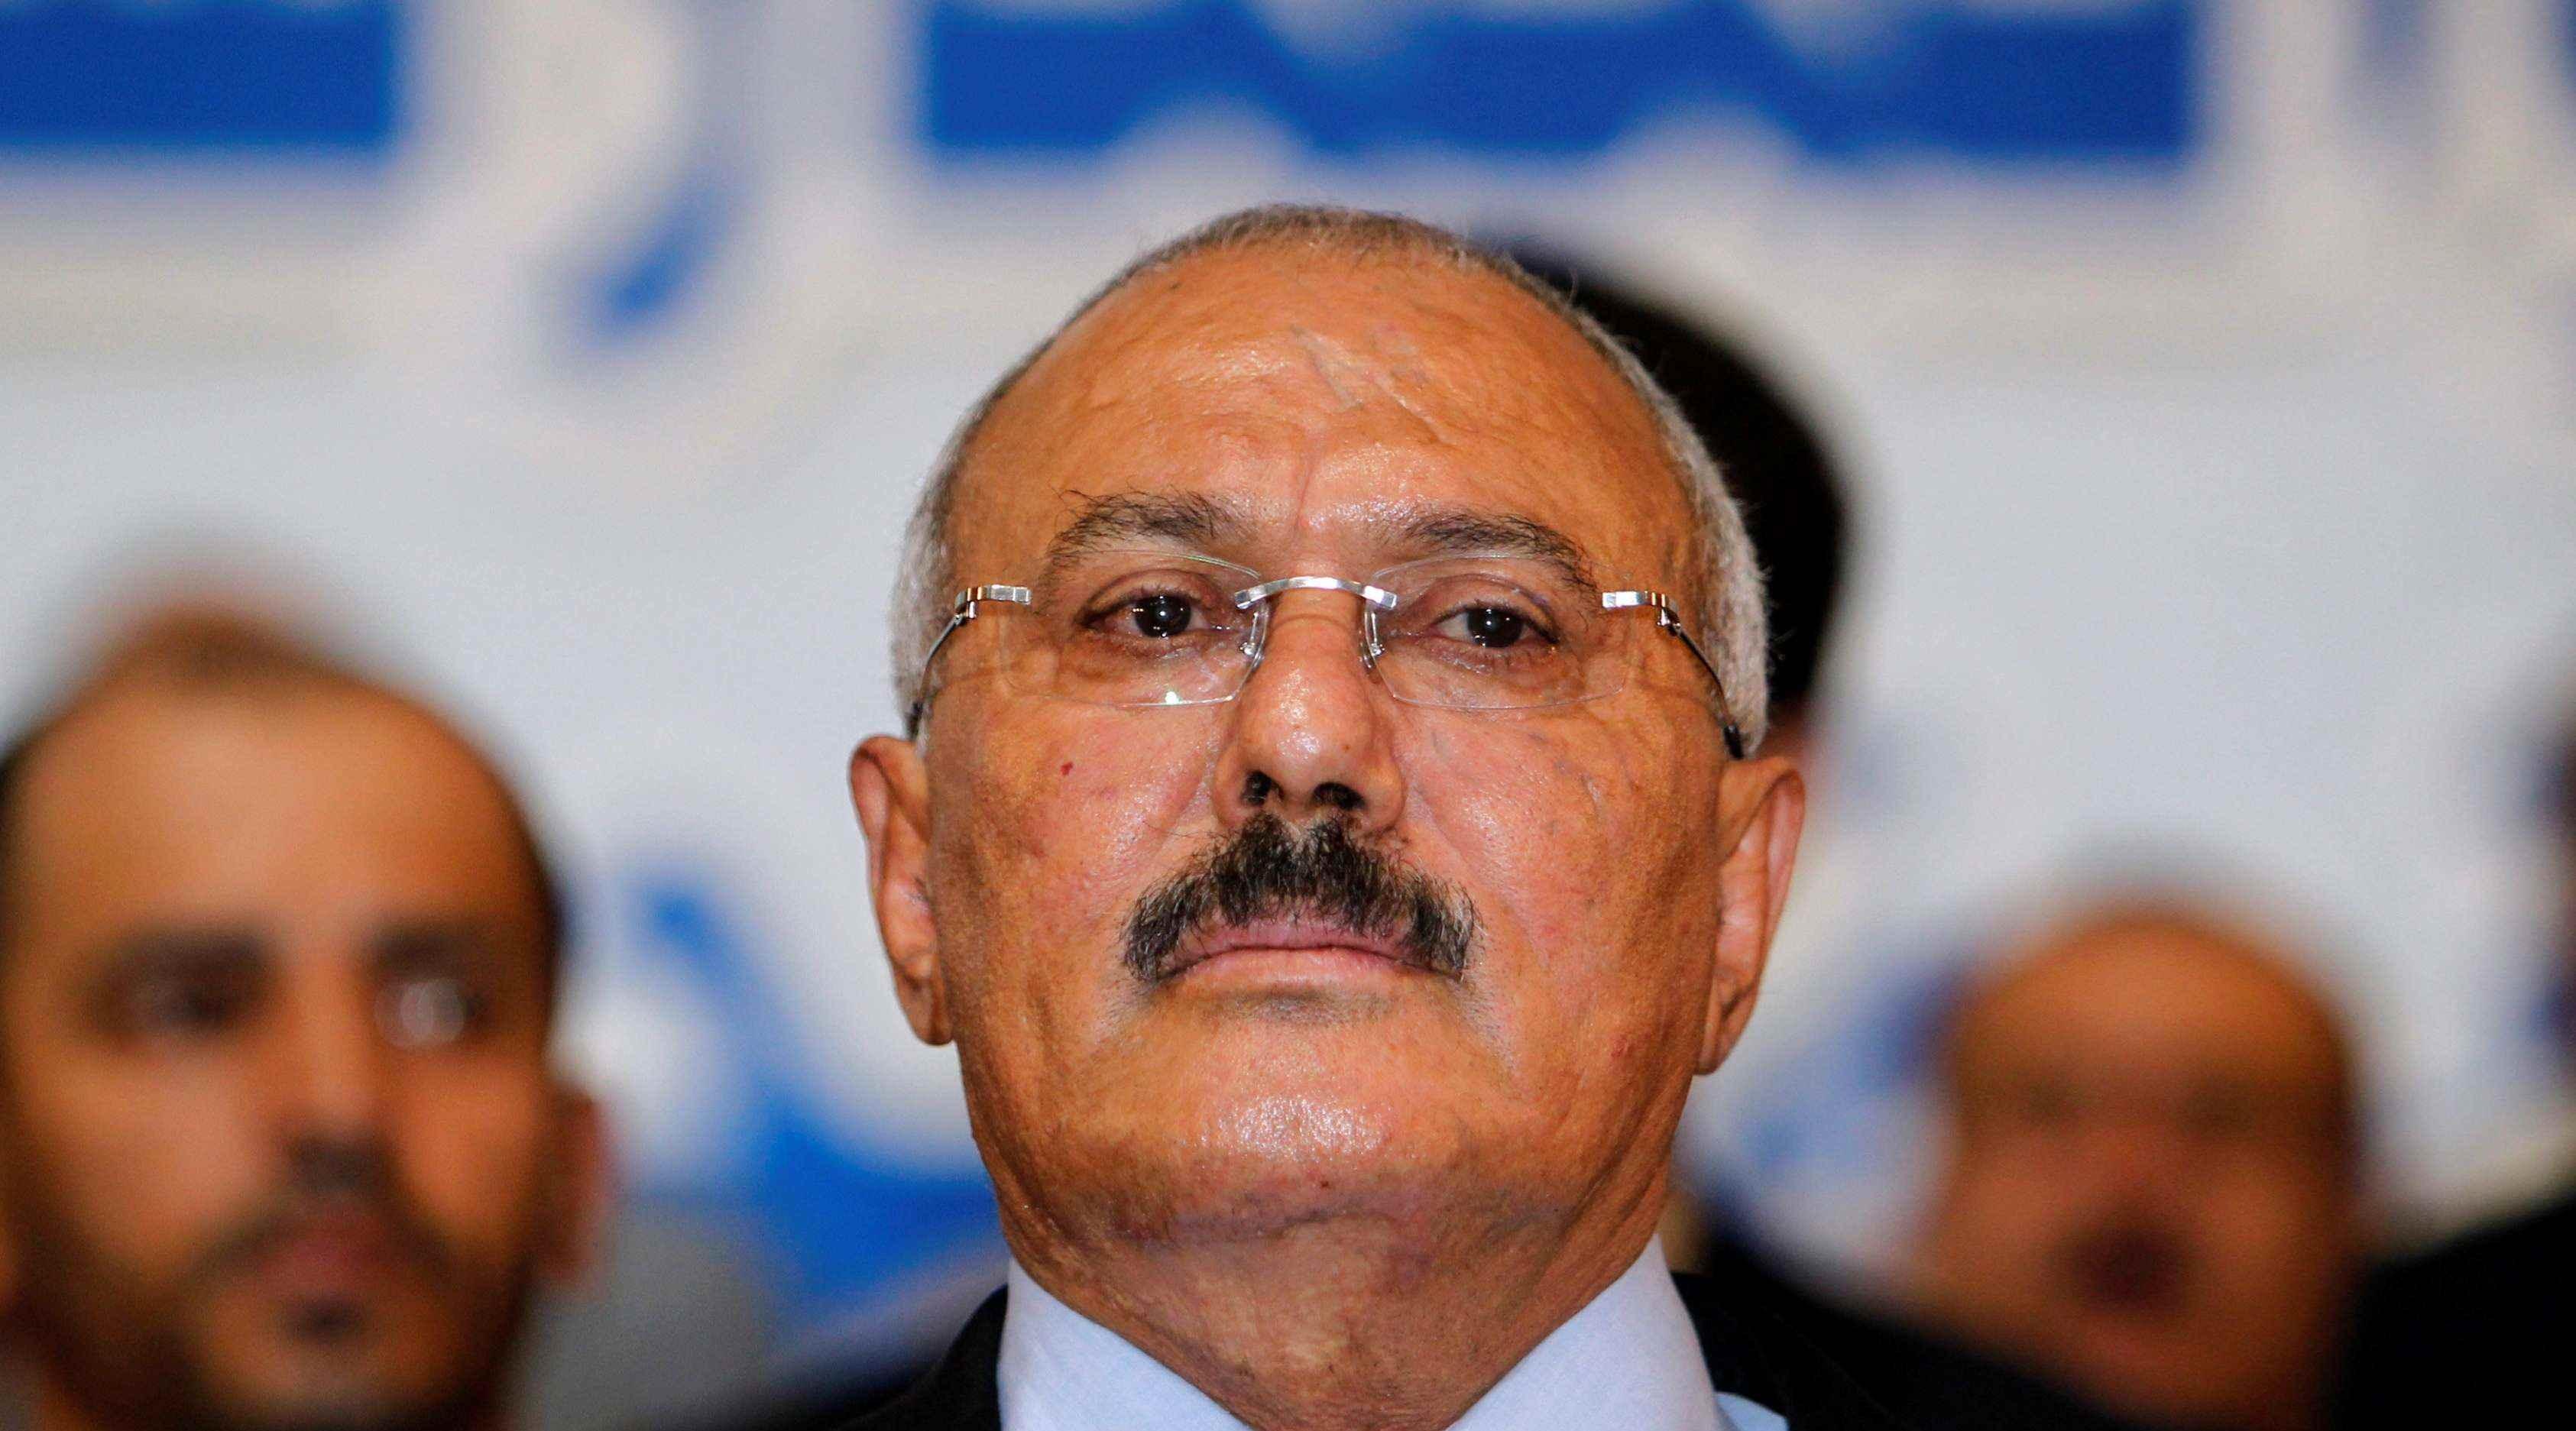 «مهووسون في السلطة.. تحليل نفسي لزعماء استهدفتهم ثورات 2011» علي عبدالله صالح